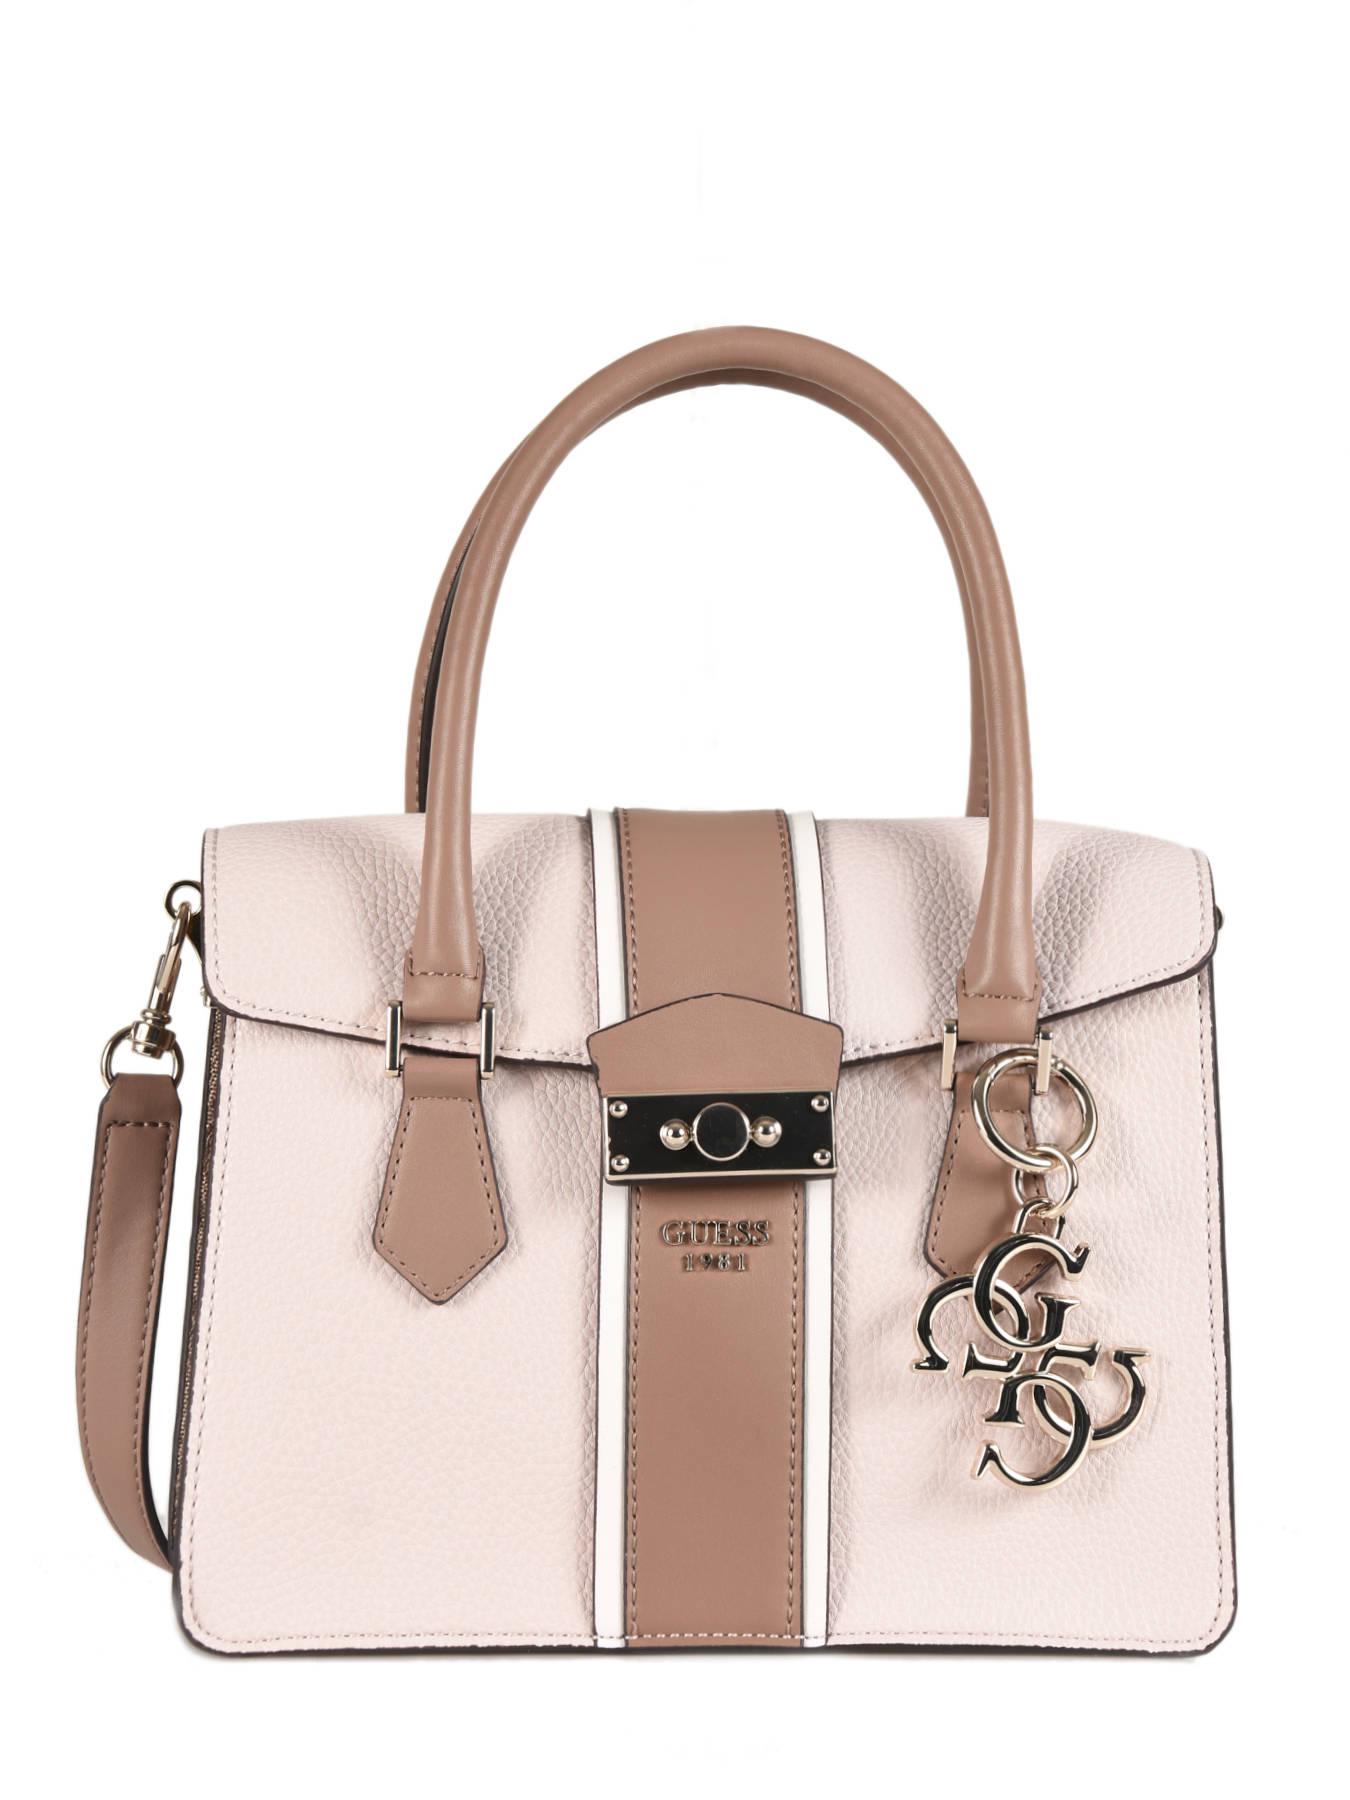 ... Handbag La Hip Guess Pink la hip SG717105 ... b1d8e557694bd